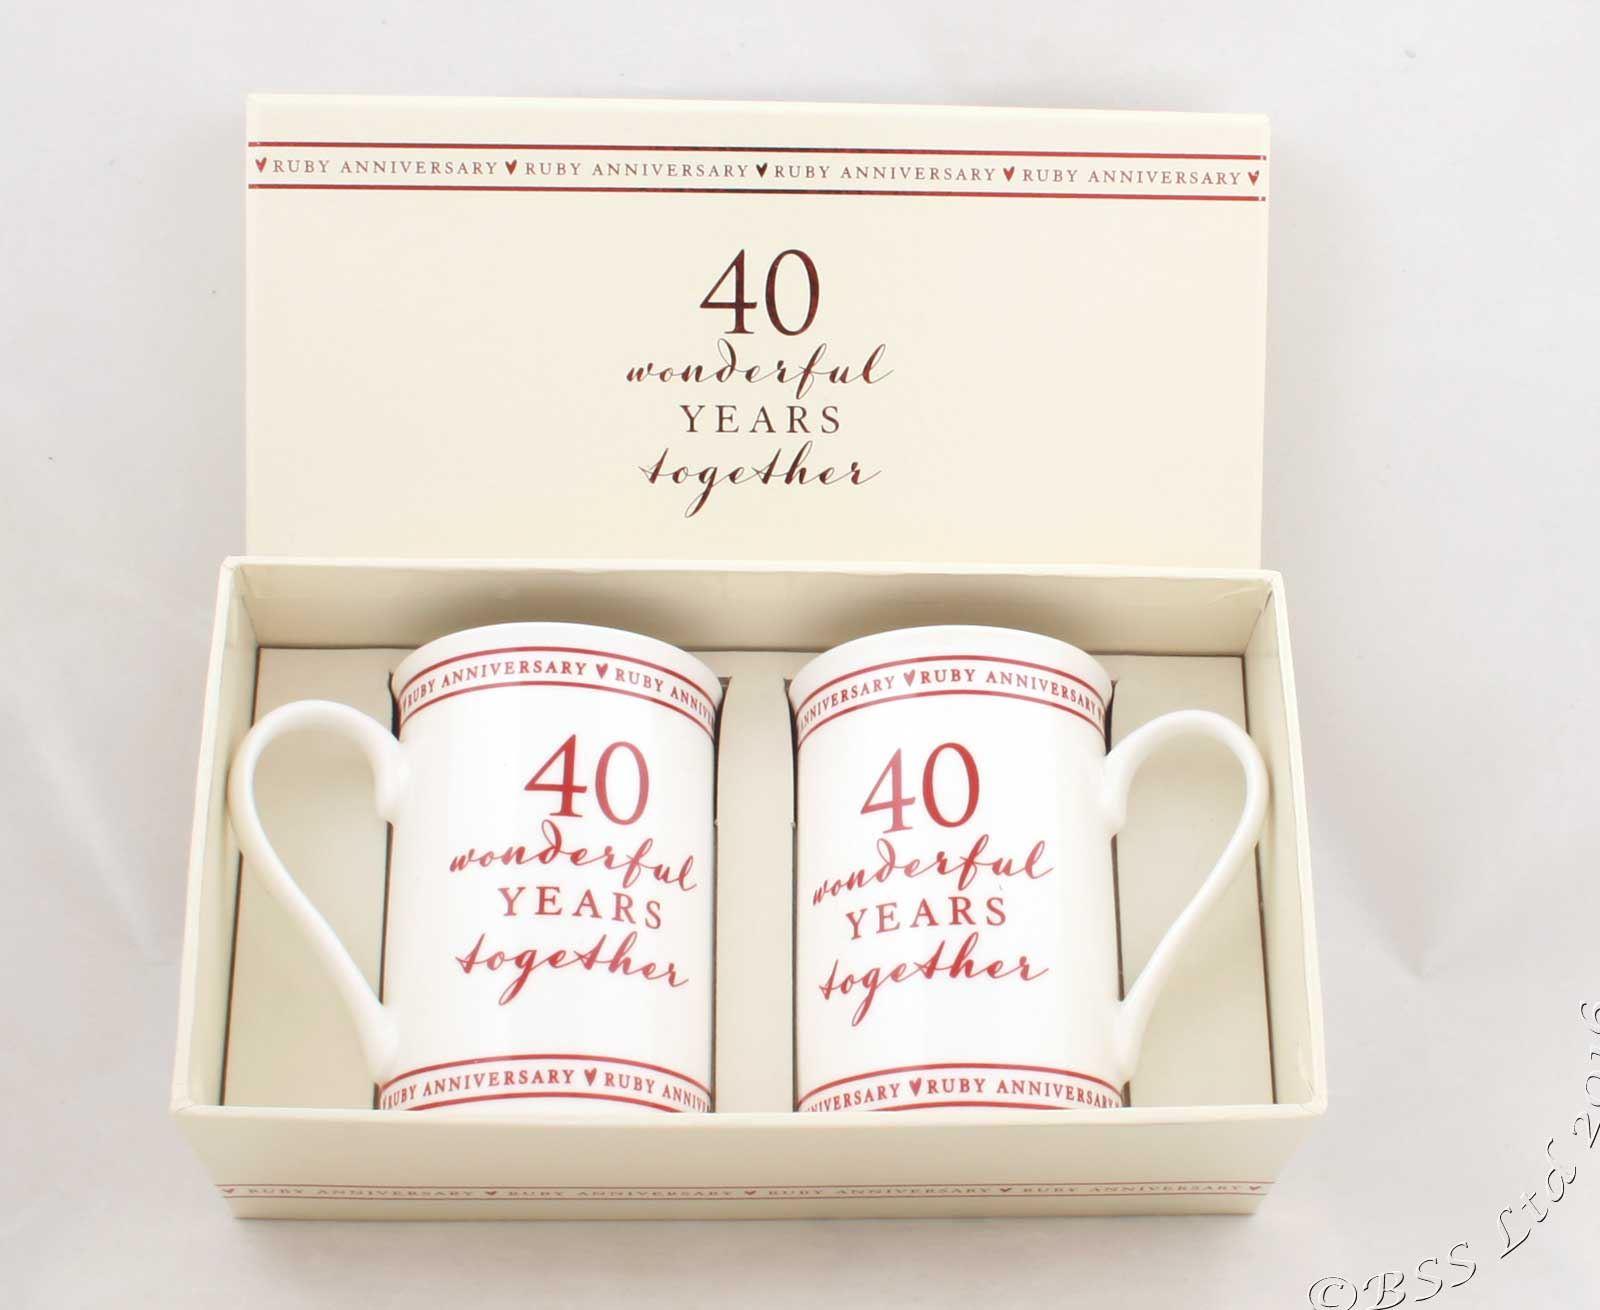 Wedding Anniversary Mugs Gift Set 10th 25th 30th 40th 50th 60th | eBay